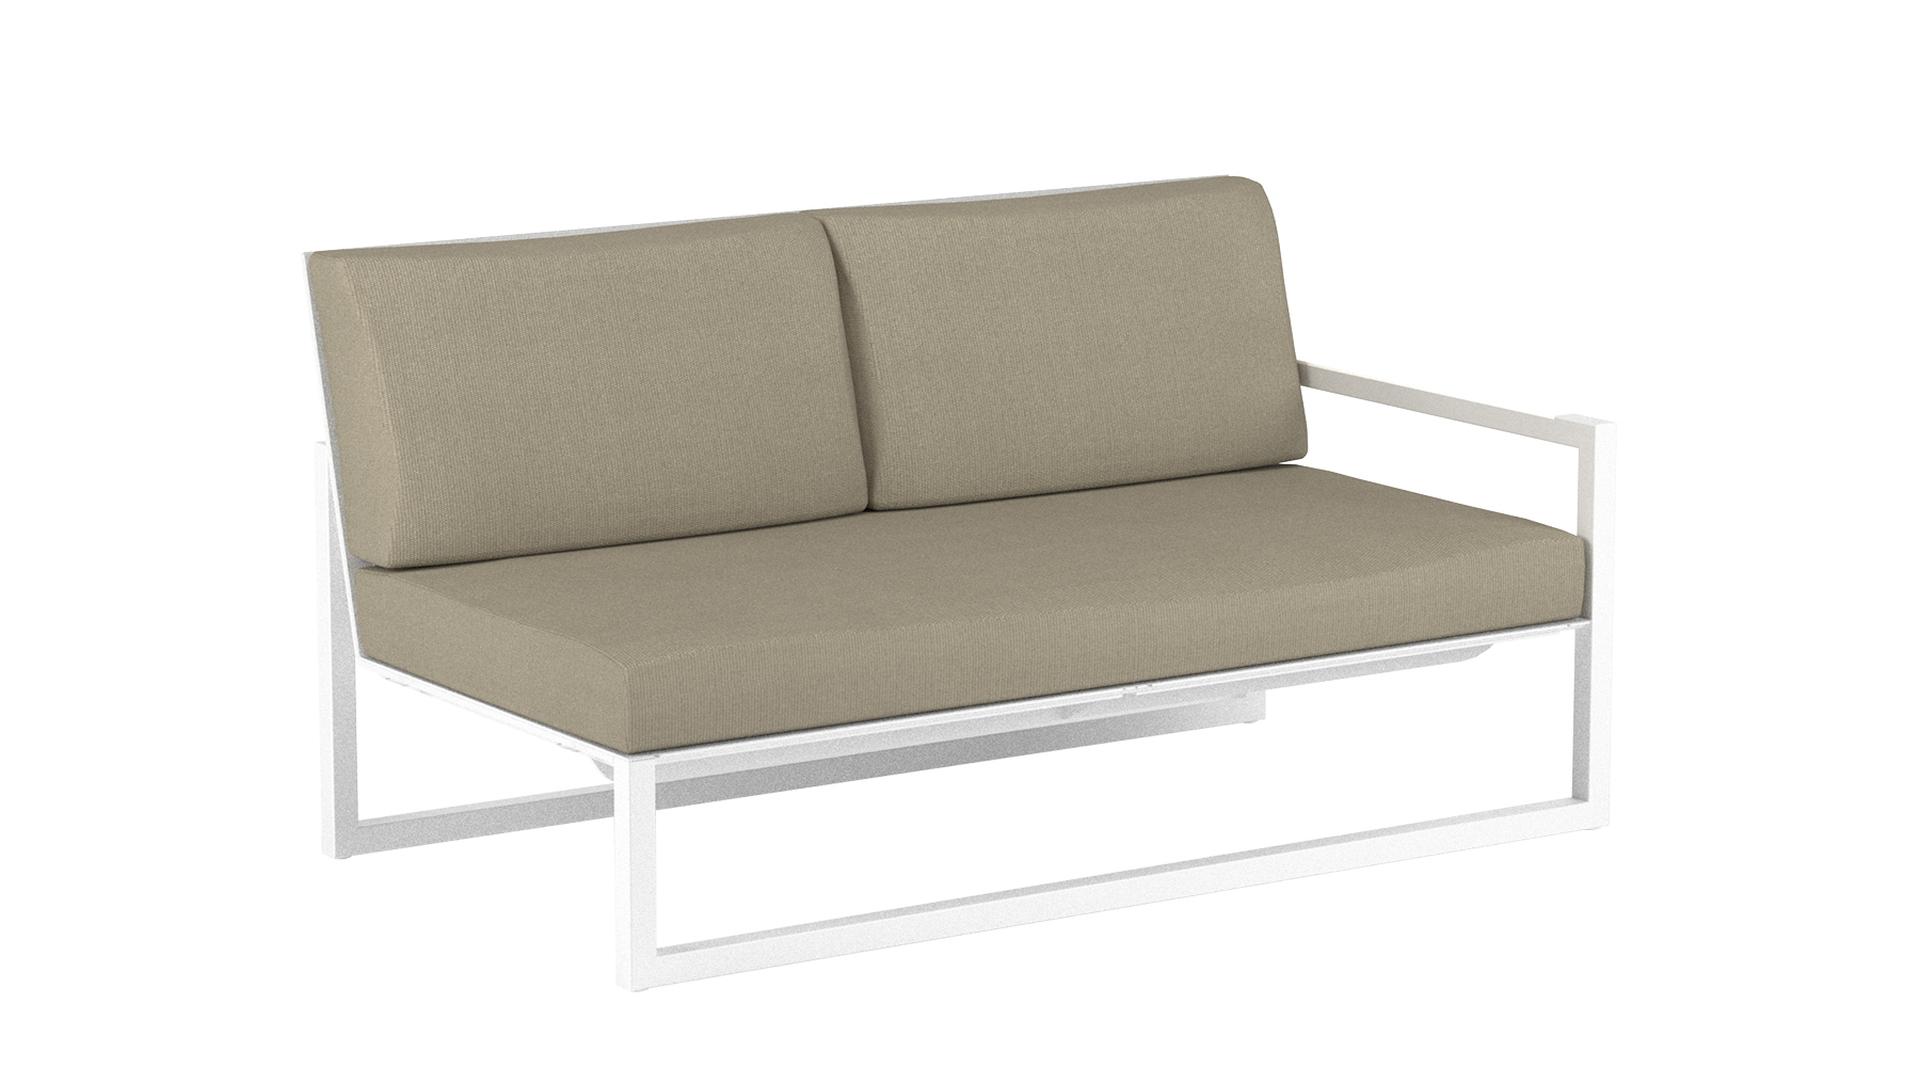 Ninix lounge 160 left arm white royal botania.jpg